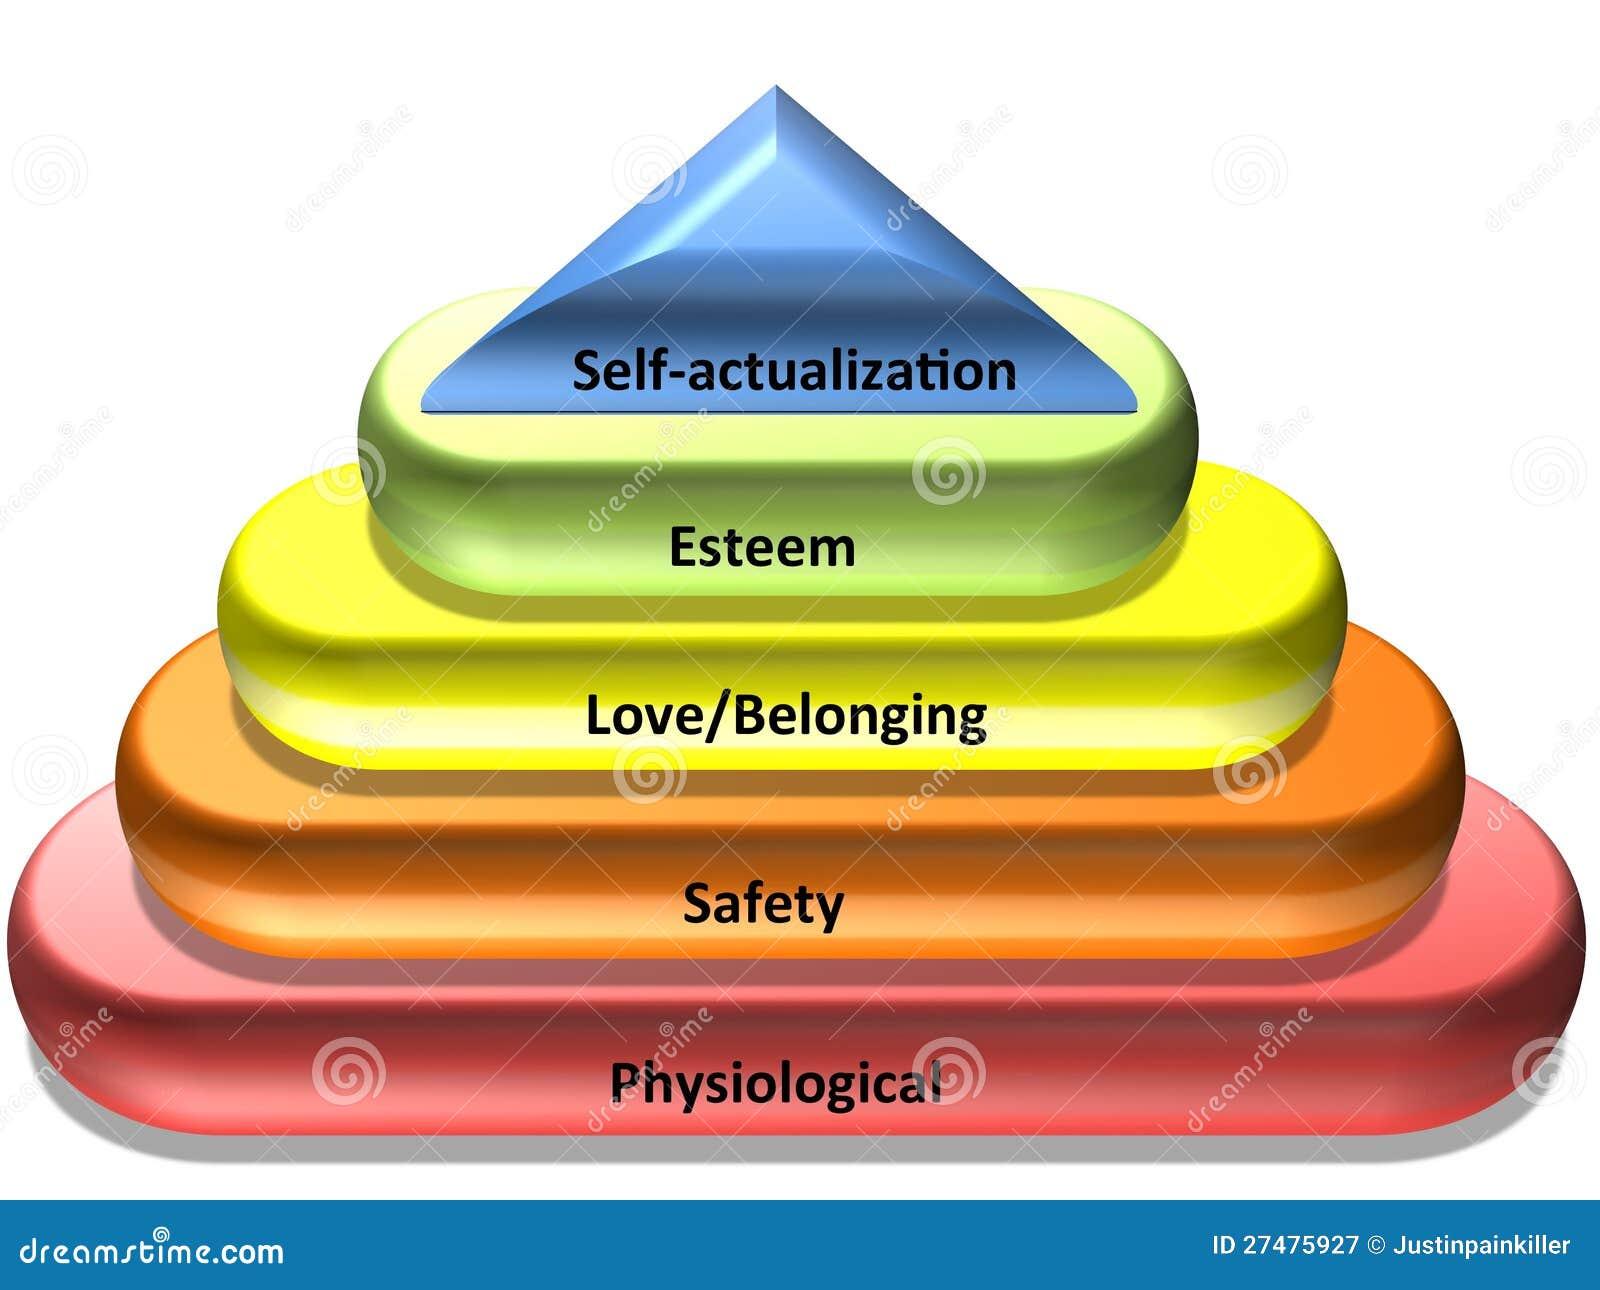 Maslows hierarki av behov